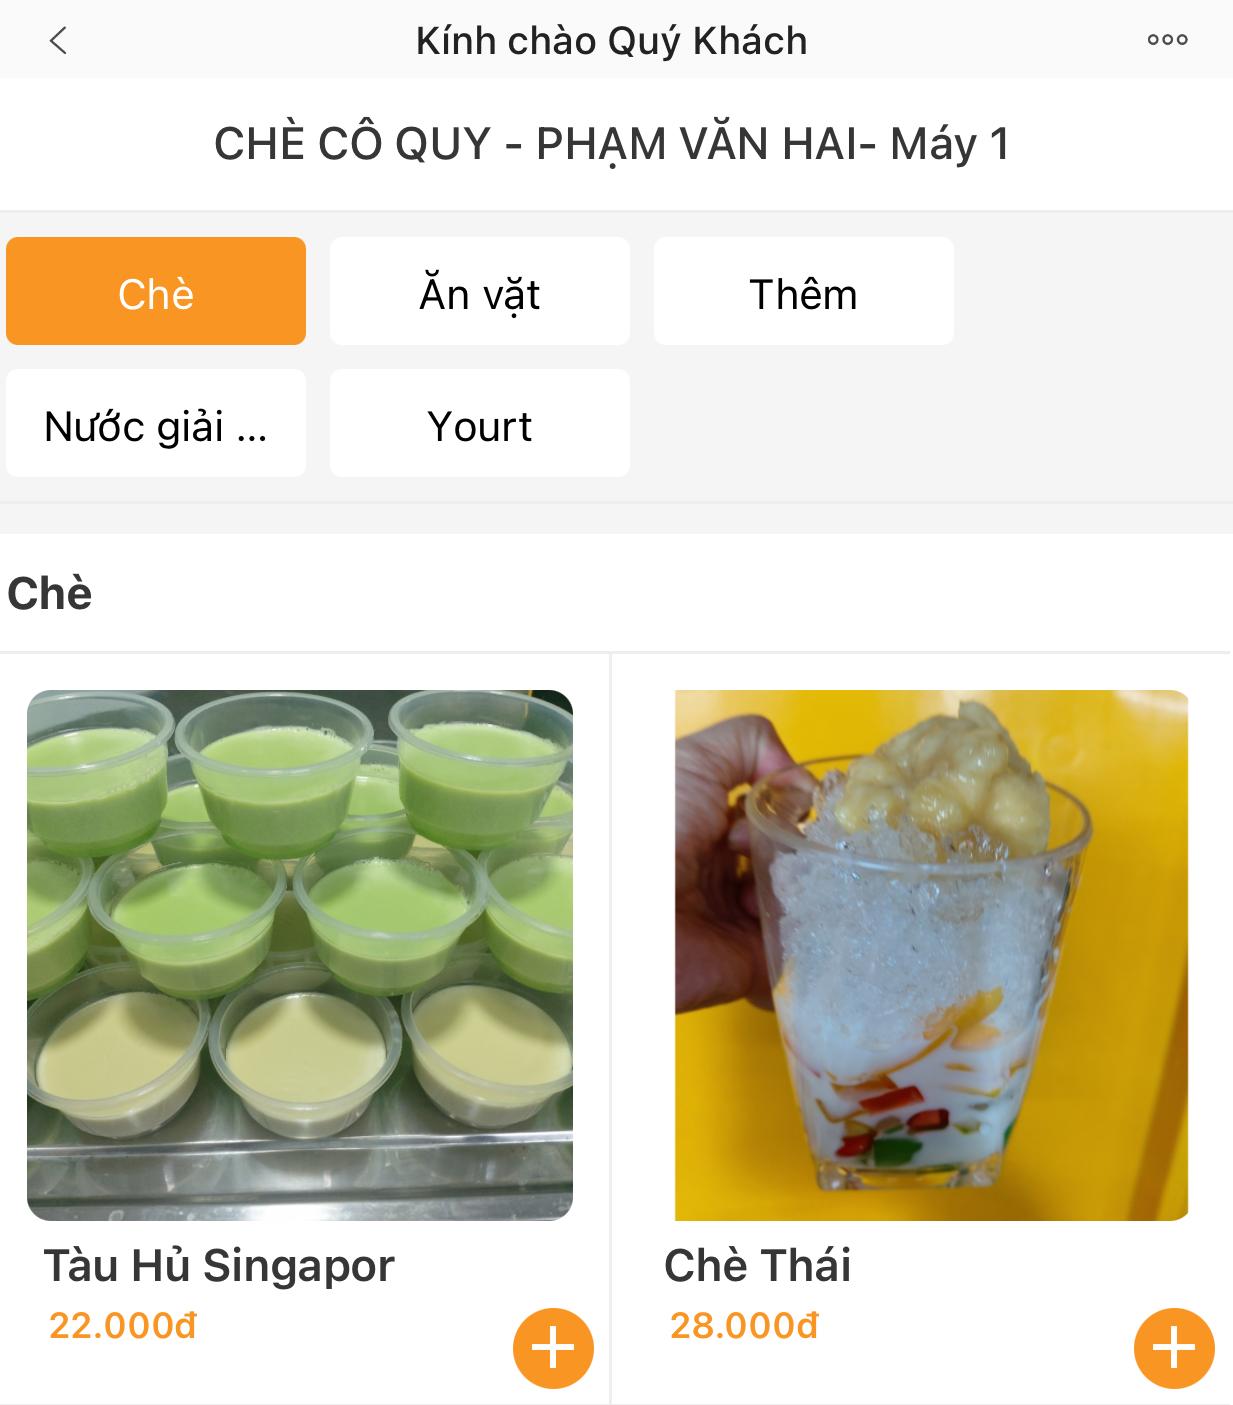 """Gian hàng chè Cô Quy - chợ Phạm Văn Hai """"dọn'' lên trang order.ipos.vn từ khi có dịch"""